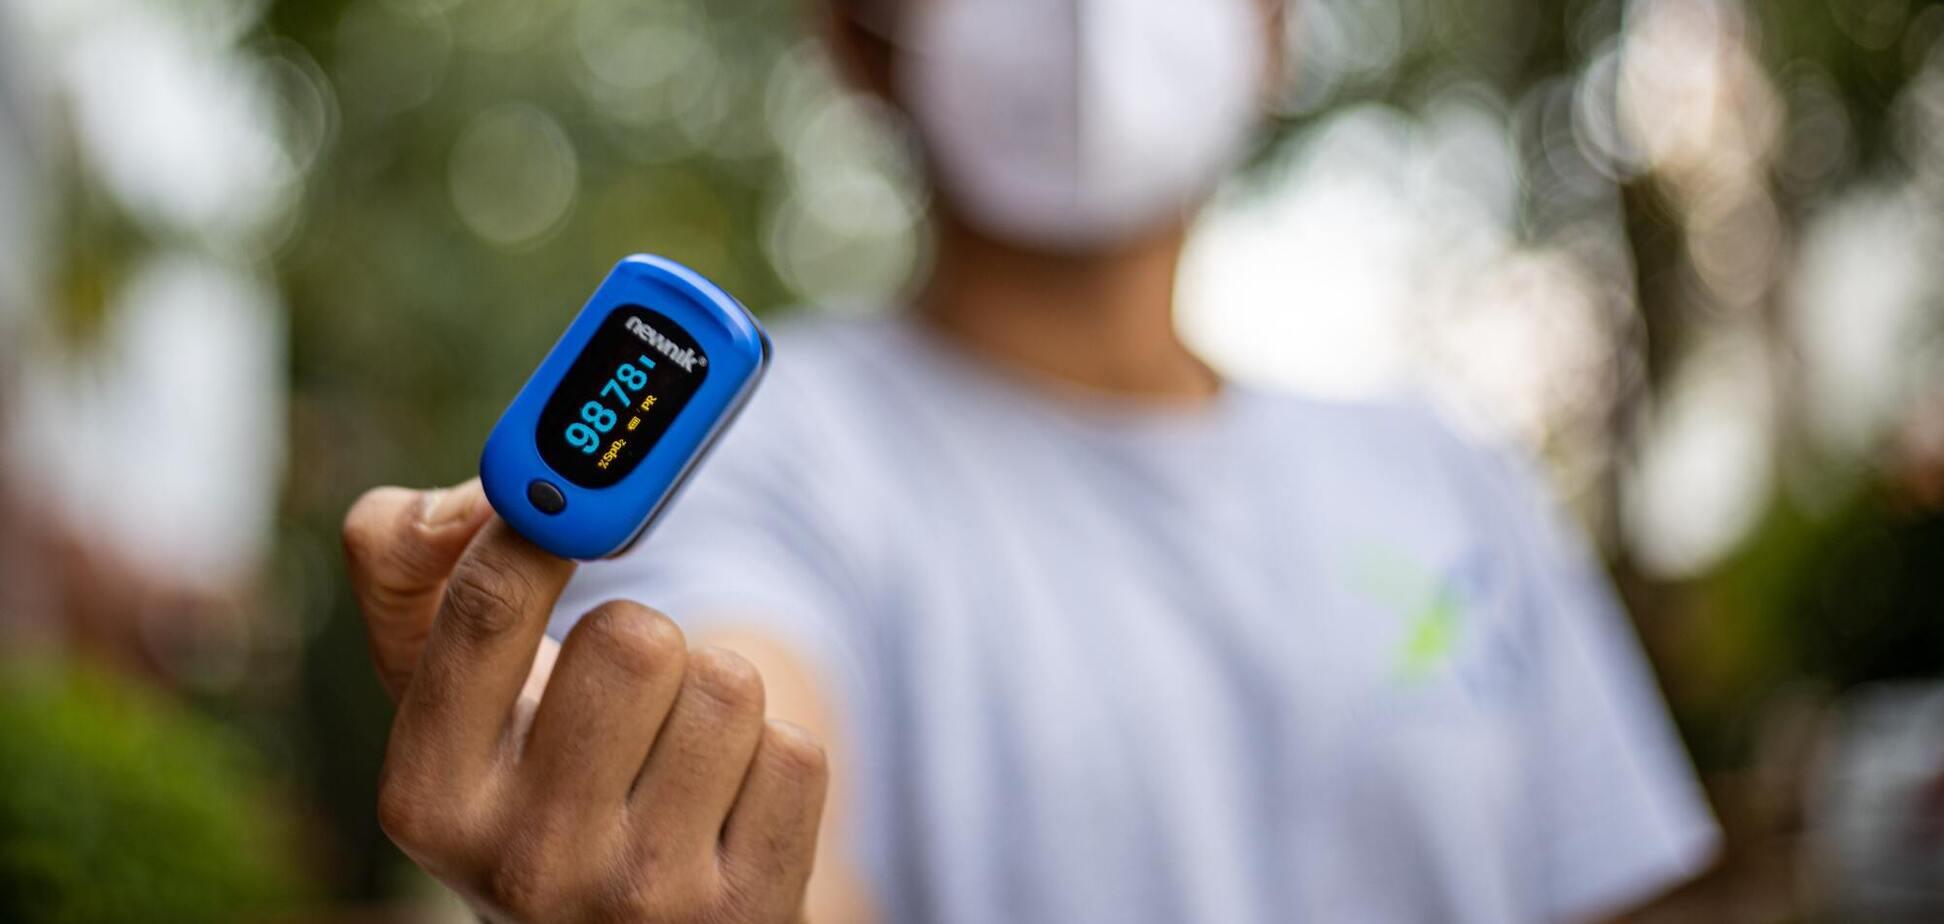 У Міністерстві охорони здоров'я українцям порекомендували придбати пульсоксиметр